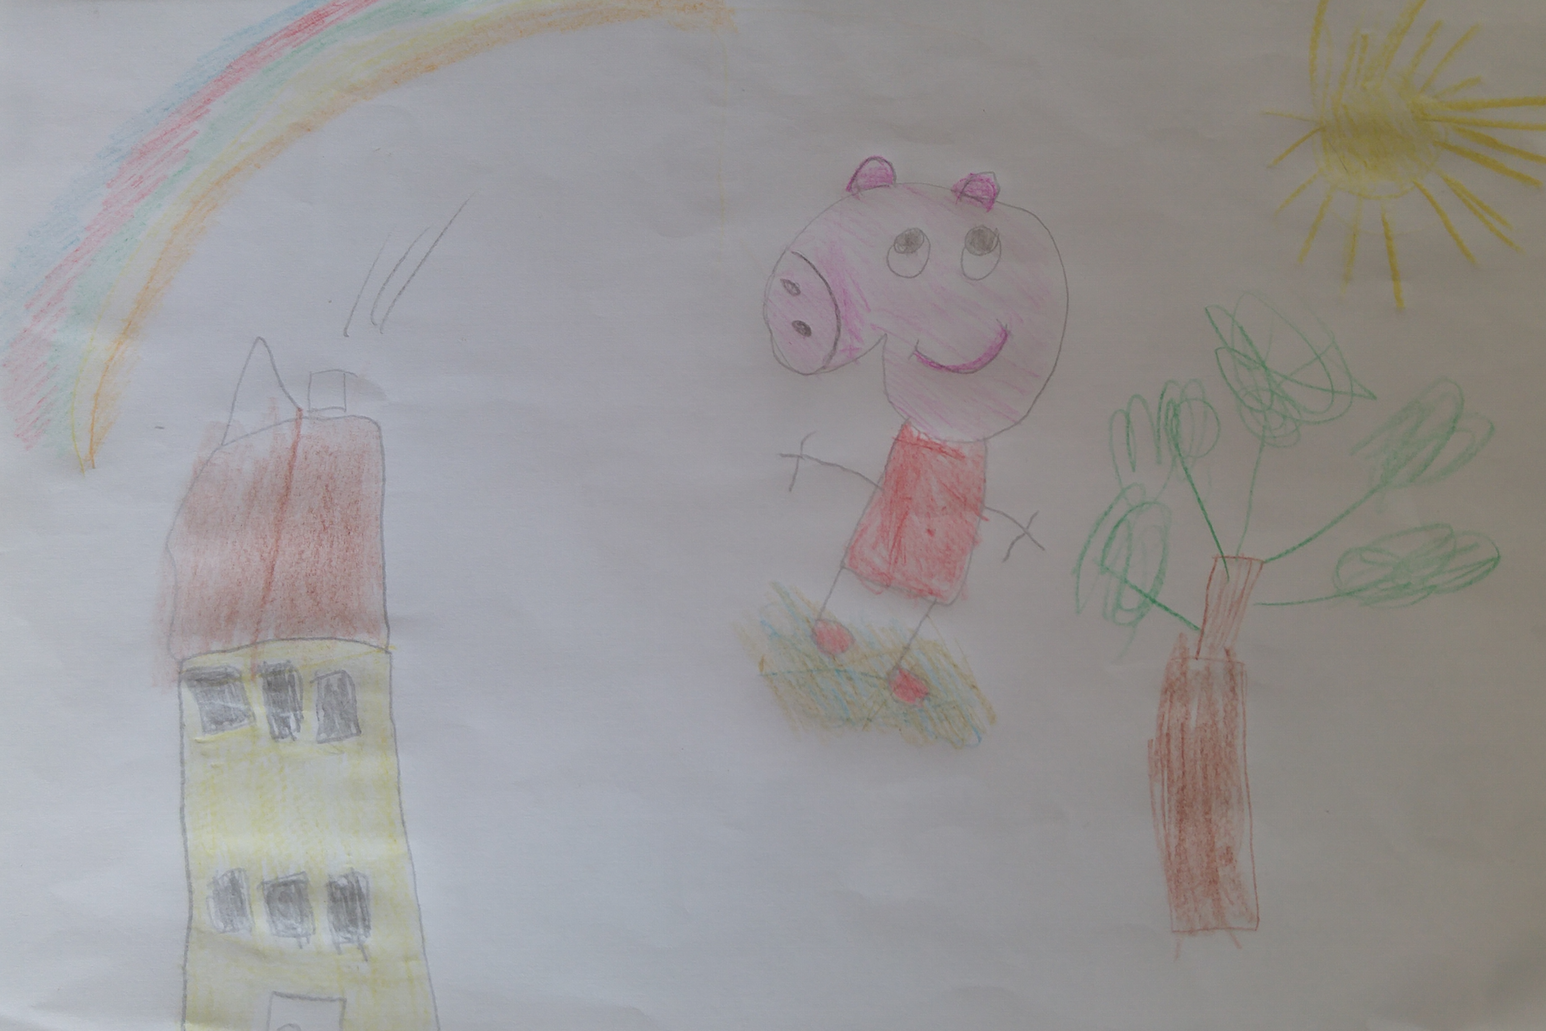 La nena i les seves joguines d'Aina Llauradó Barreda, 7 anys - Reus